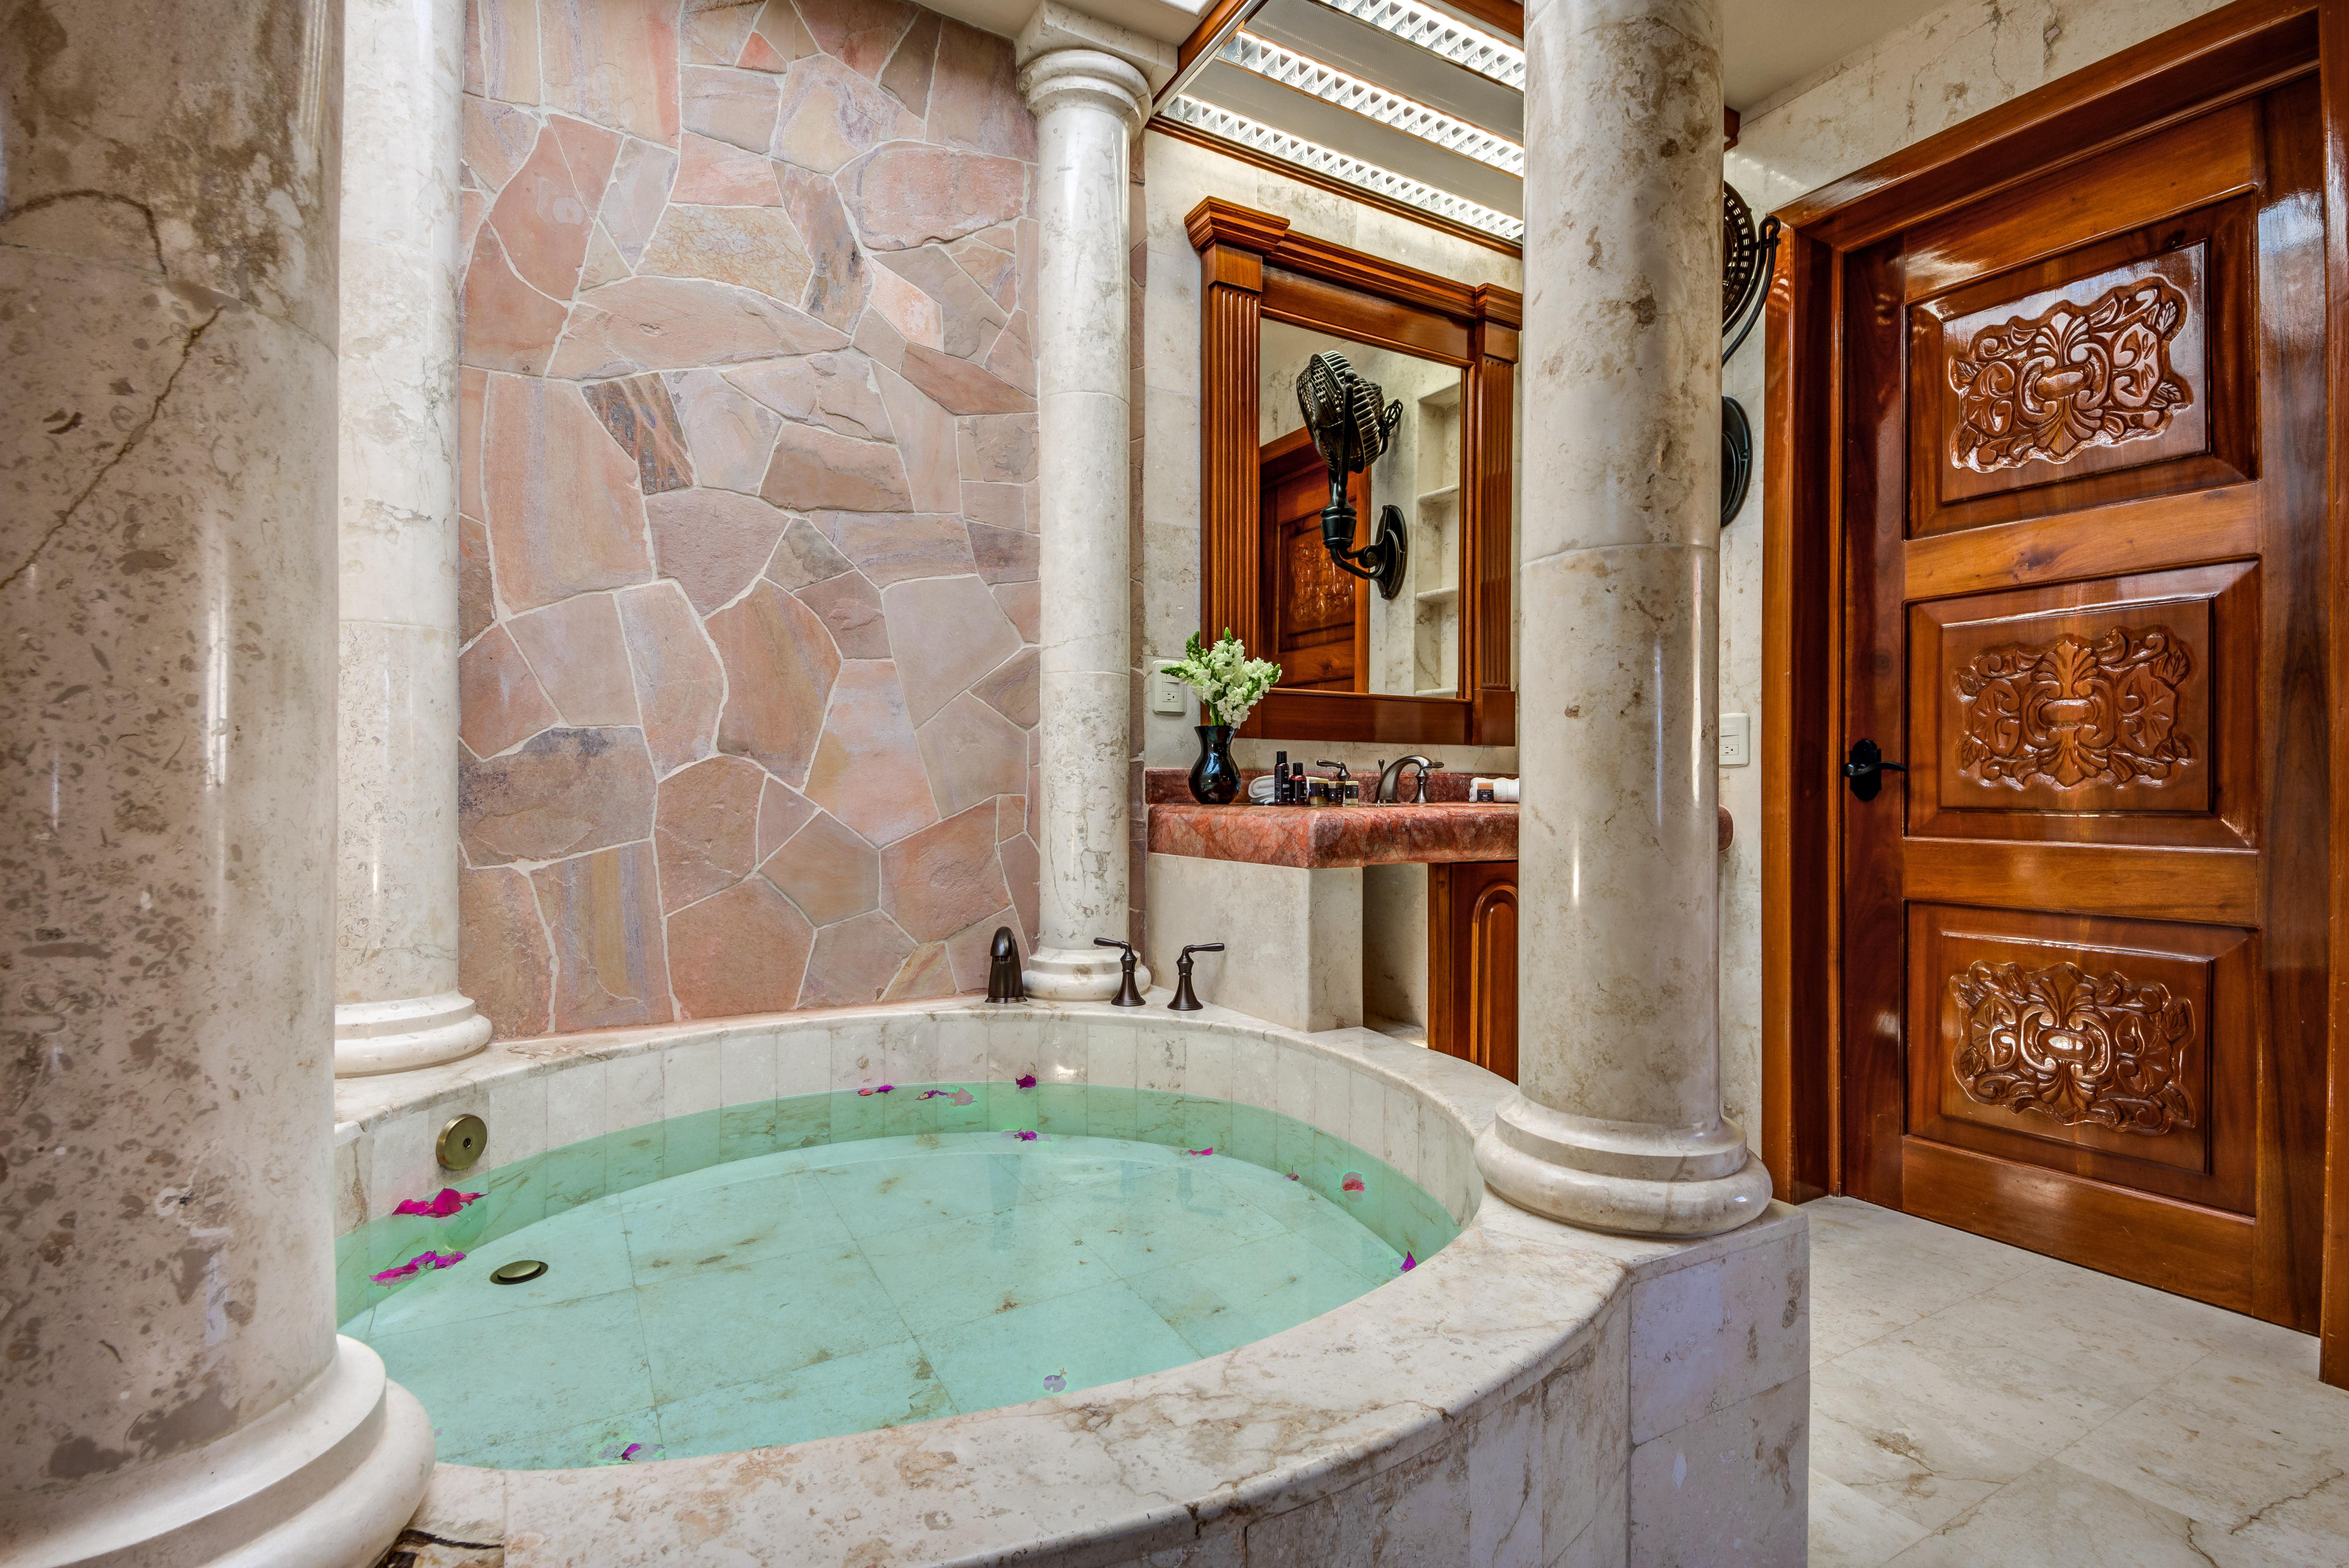 Casa_Juanita_yourescape_Playa_del_Carmen_Riviera_Maya_Mexico30